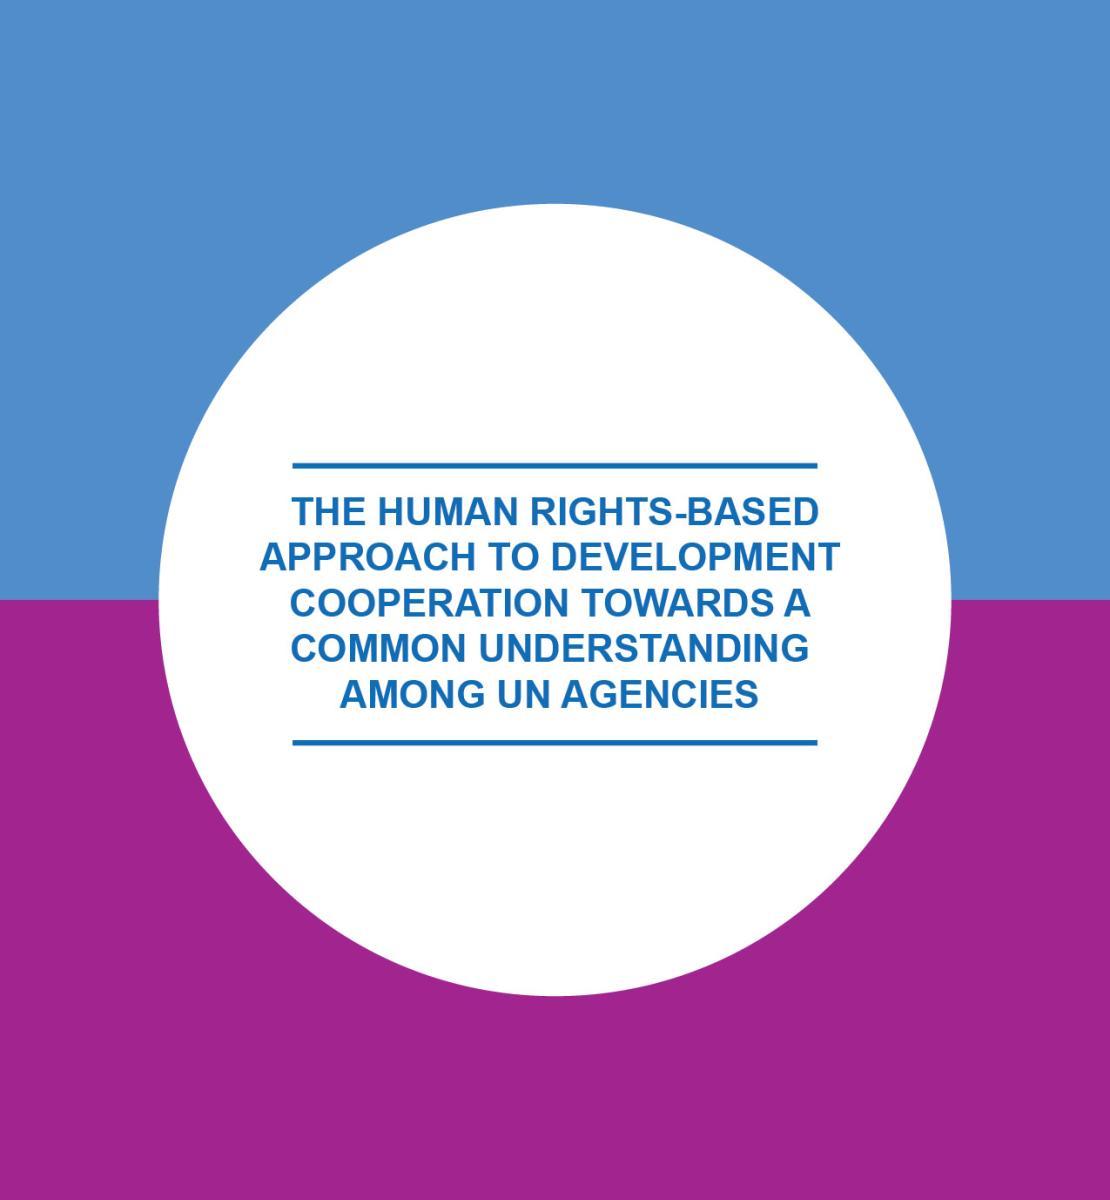 Enfoque de la programación para el desarrollo basado en los Derechos Humanos